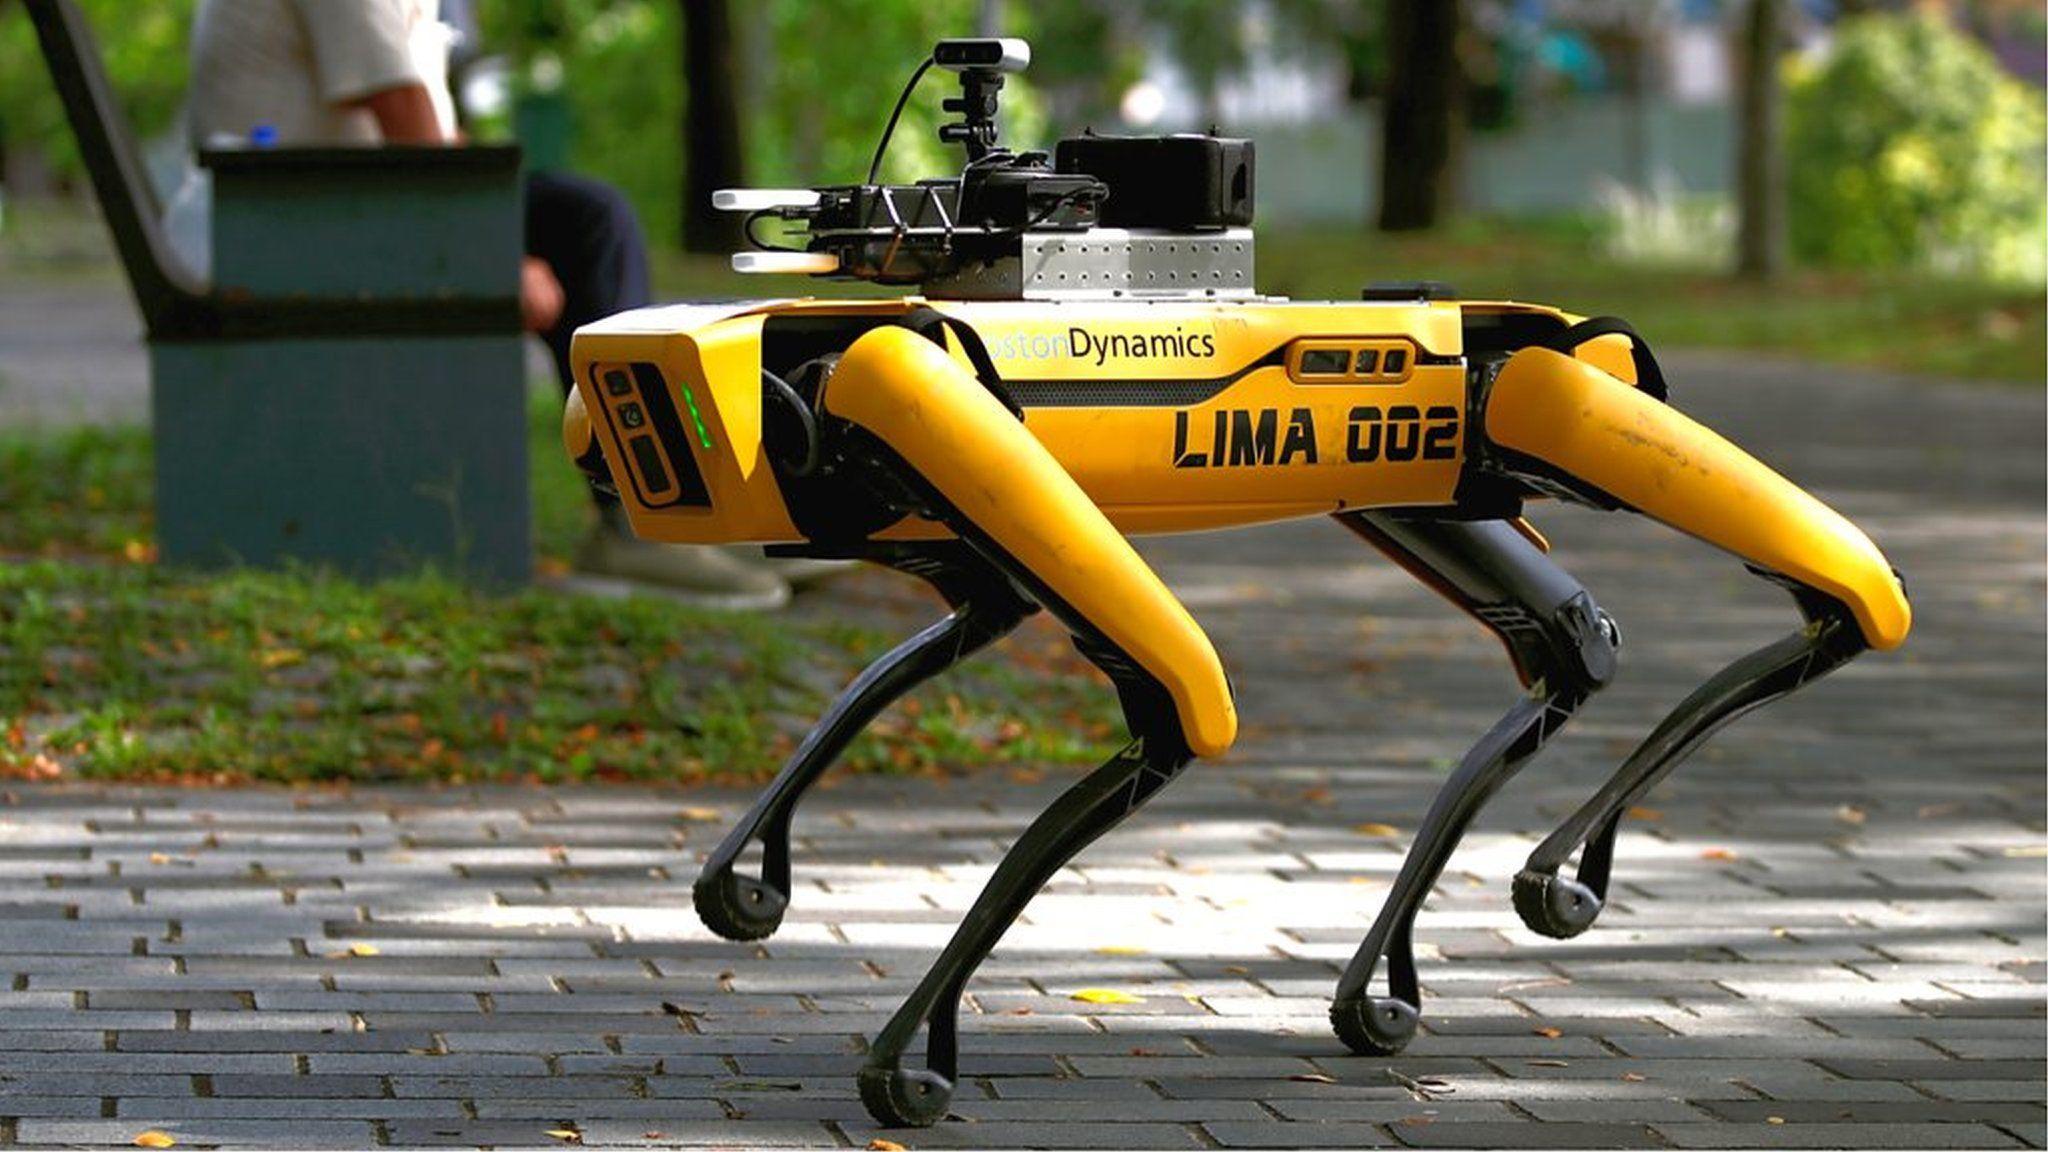 「1メートル離れて」、ロボット犬が混雑状況を監視 シンガポールで実証実験